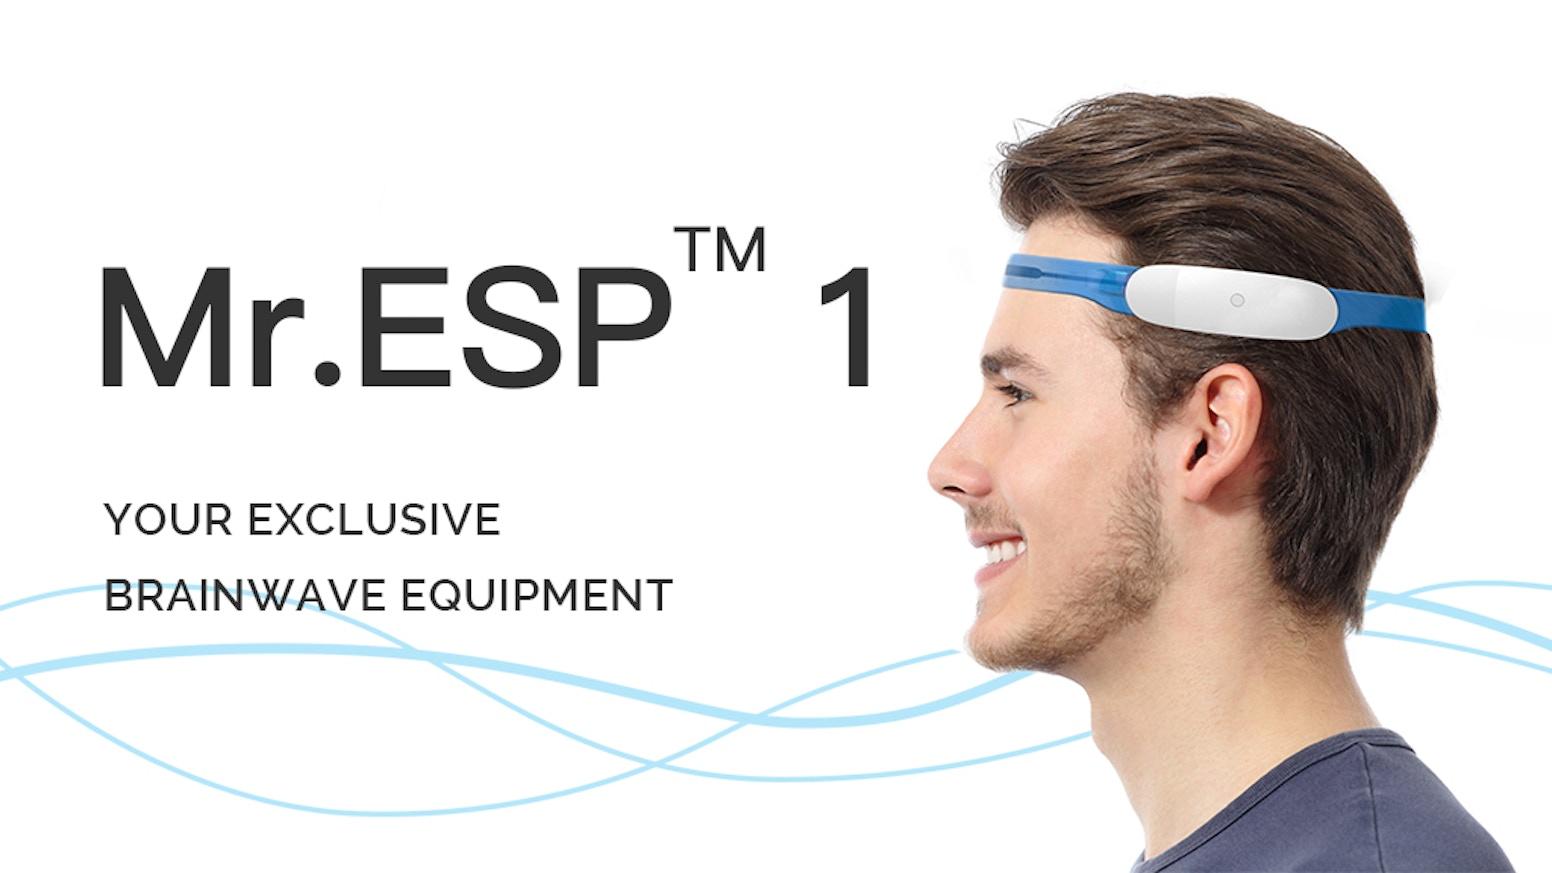 Mr. ESP 1, Your Exclusive Brainwave Equipment